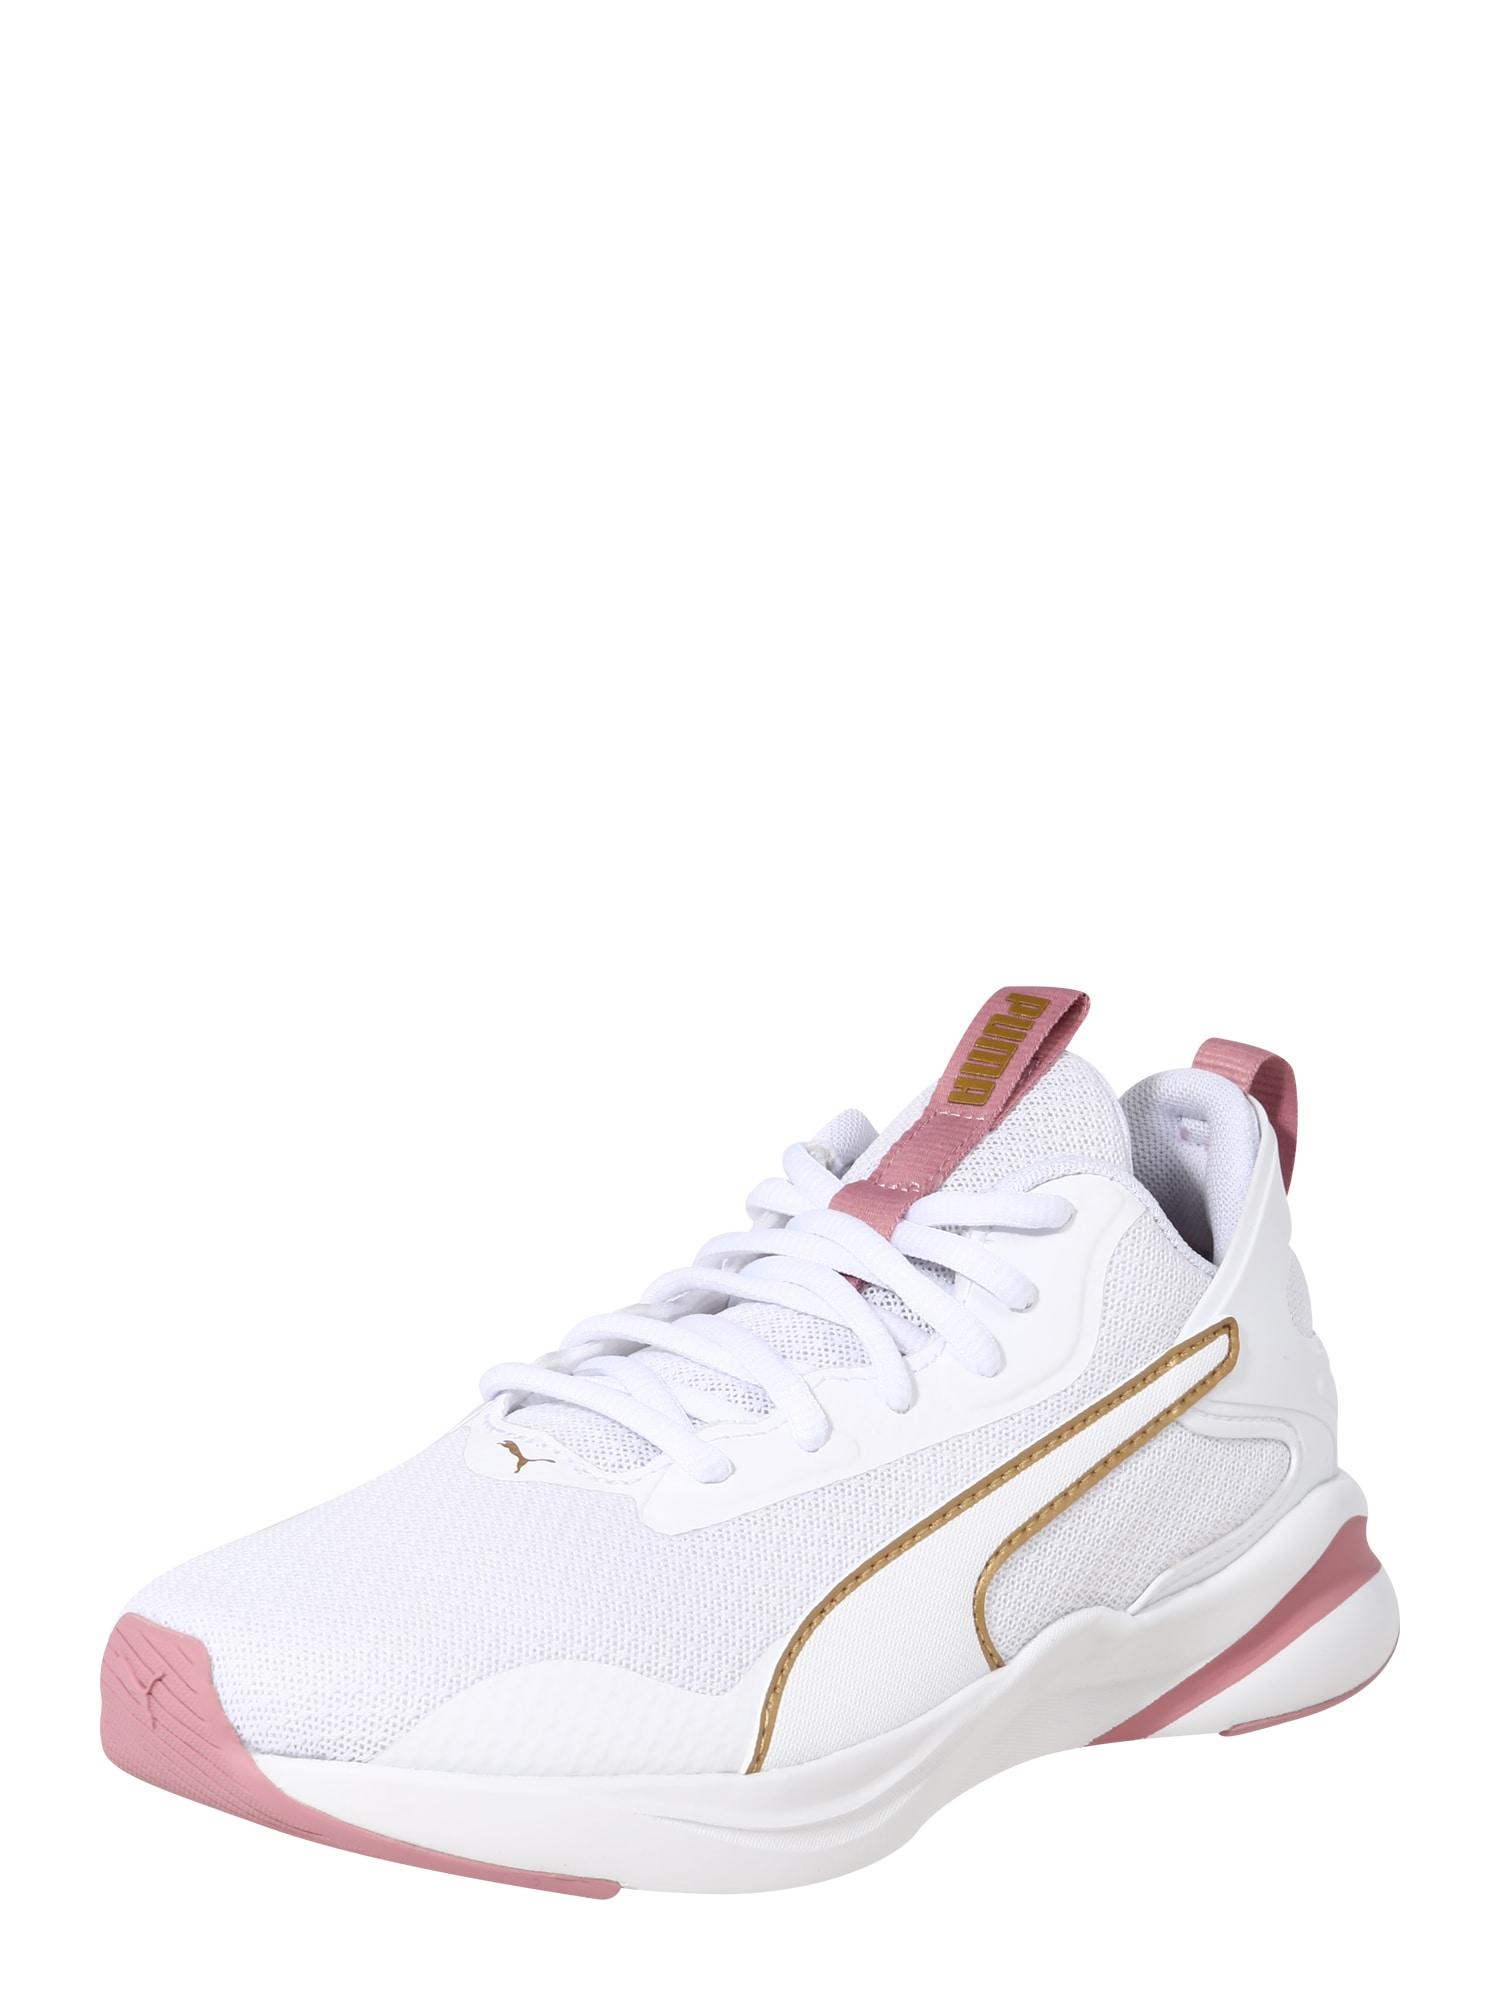 PUMA Sportovní boty  růže / bílá / světle hnědá